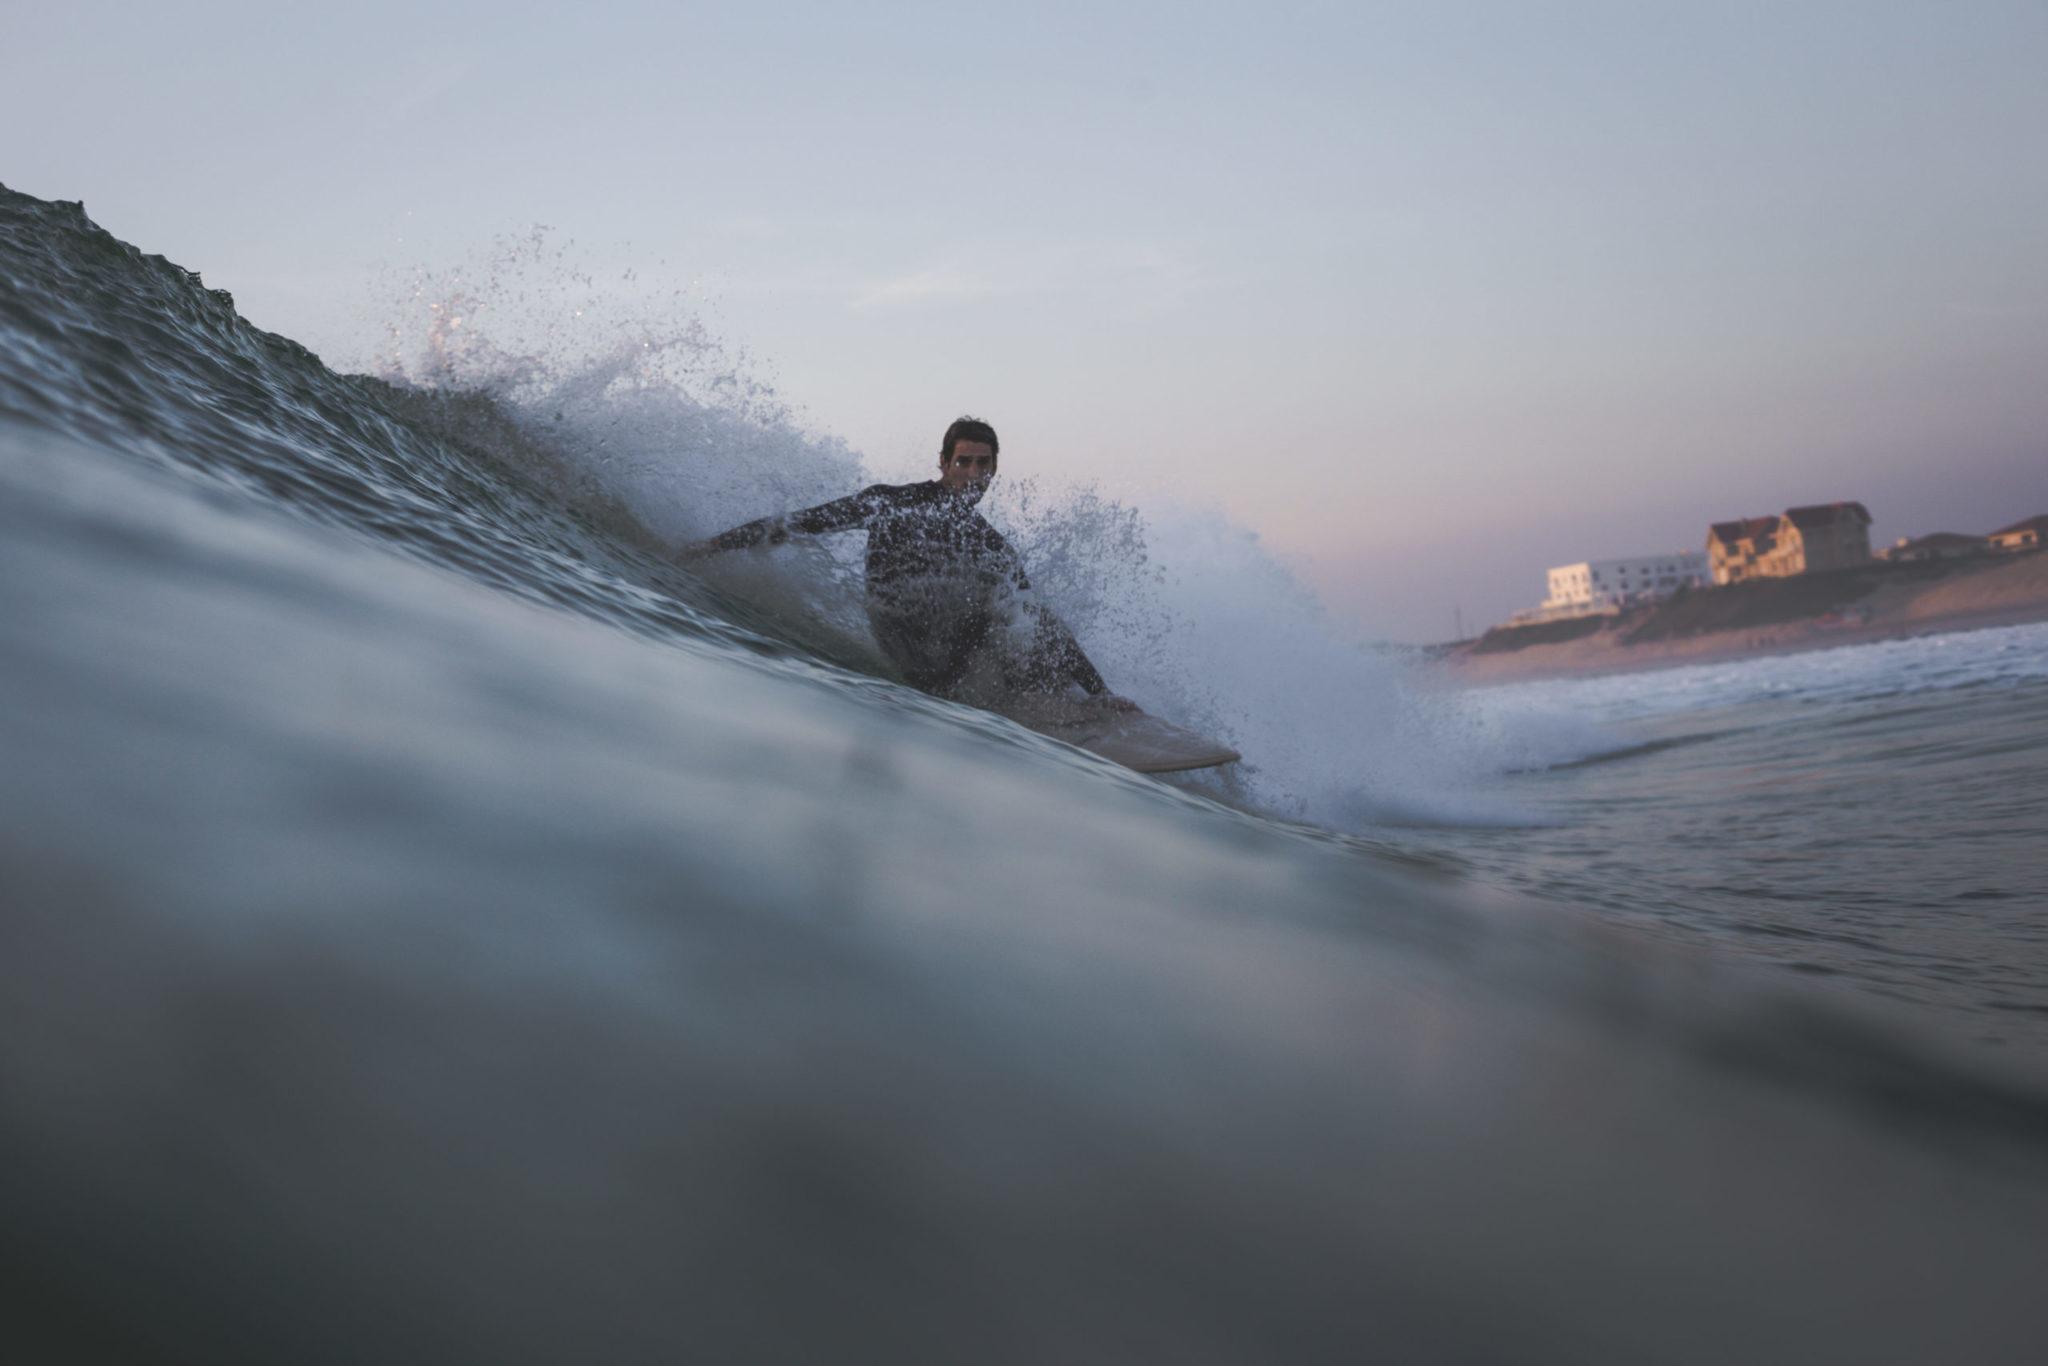 cachalot surfboards artisan hand shaper surf bois hollow wooden florian gruet